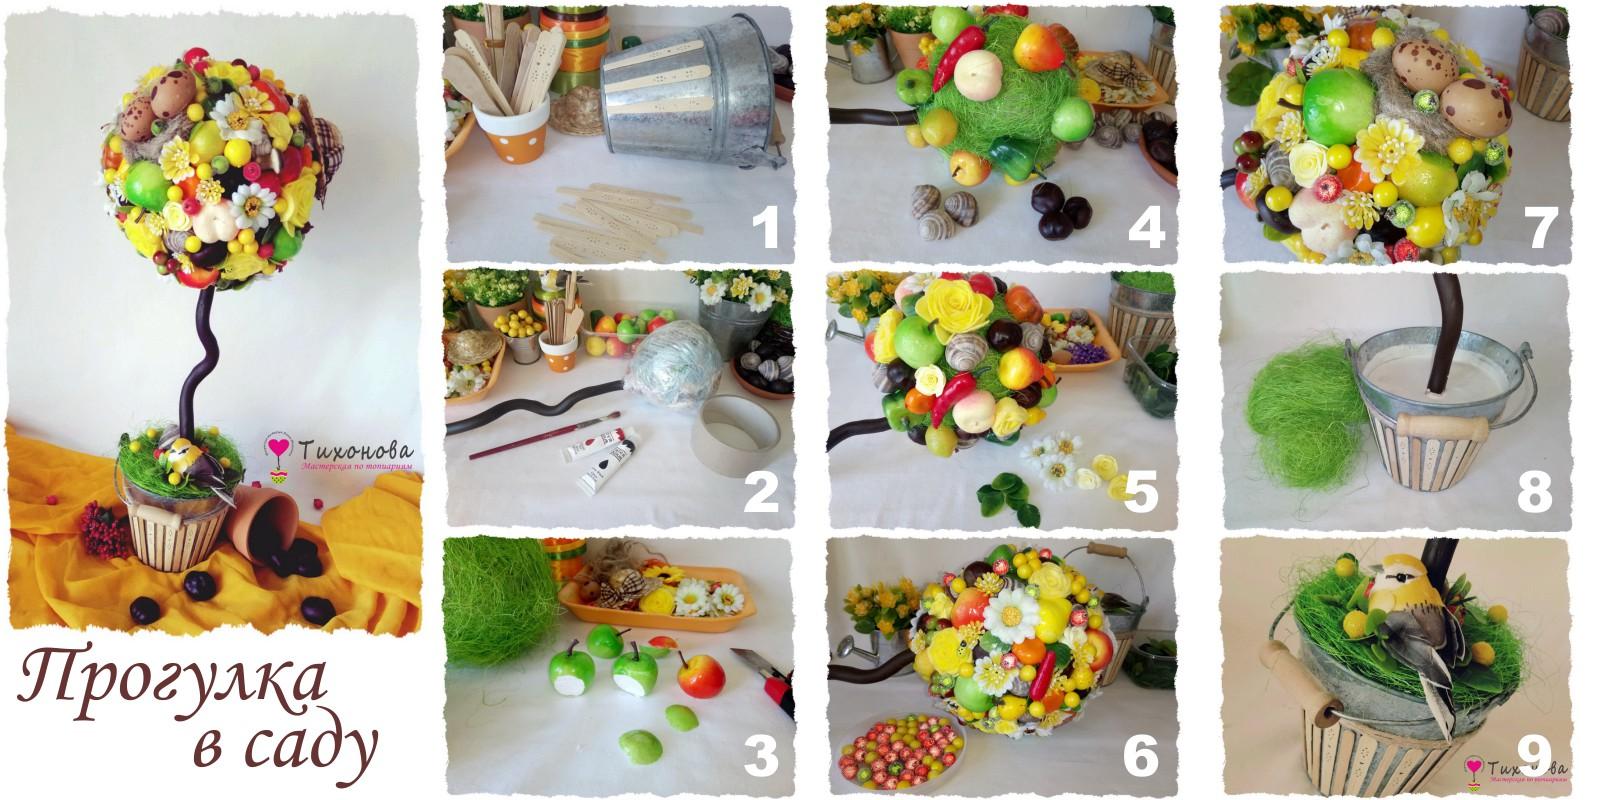 Как сделать топиарий из фруктов своими руками мастер-класс в фото